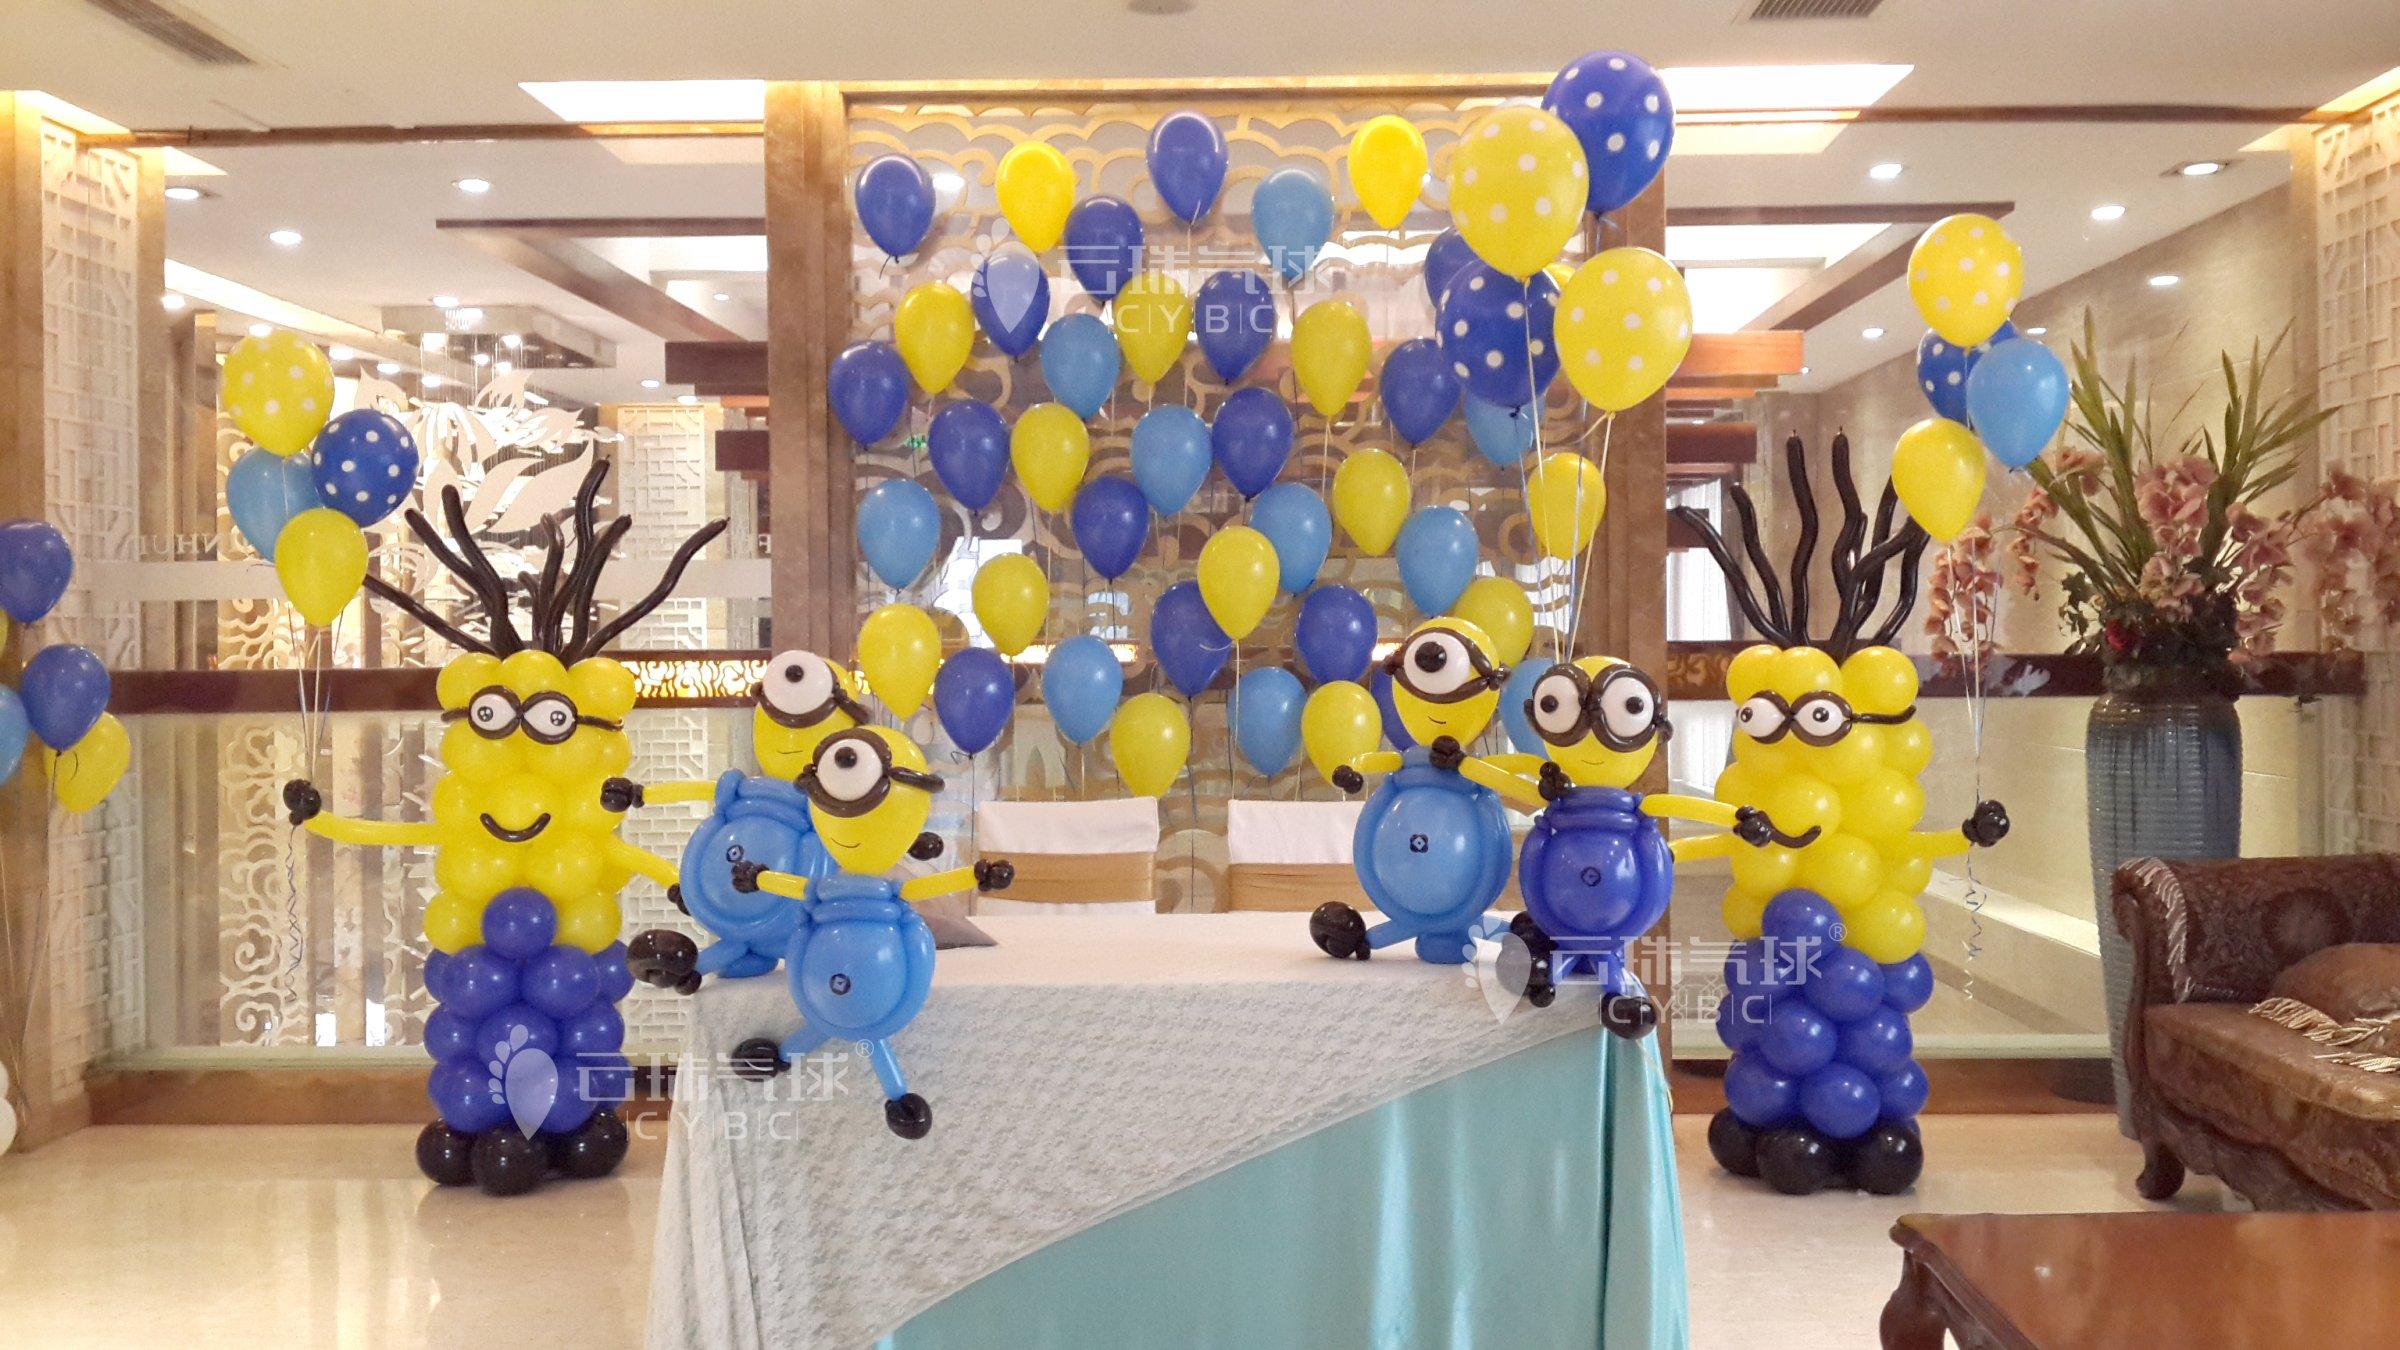 供应宝宝宴气球装饰/成都气球装饰/气球装饰布置/百日宴装饰